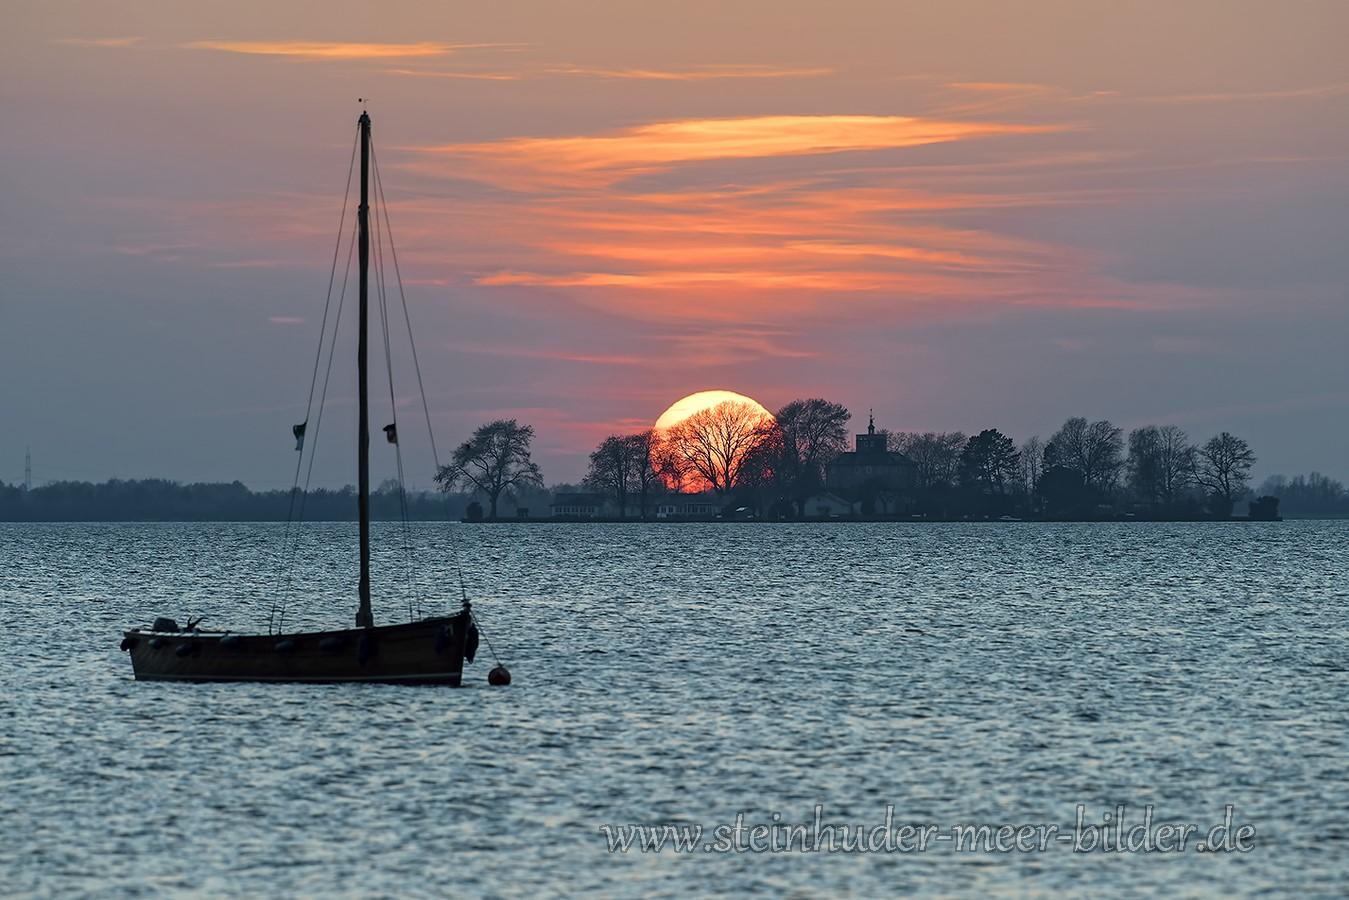 Segelboot-Boot-Sonnenuntergang-Abendhimmel-Daemmerung-Abendstimmung-Abendlicht-Steinhuder Meer-A_NIK9938